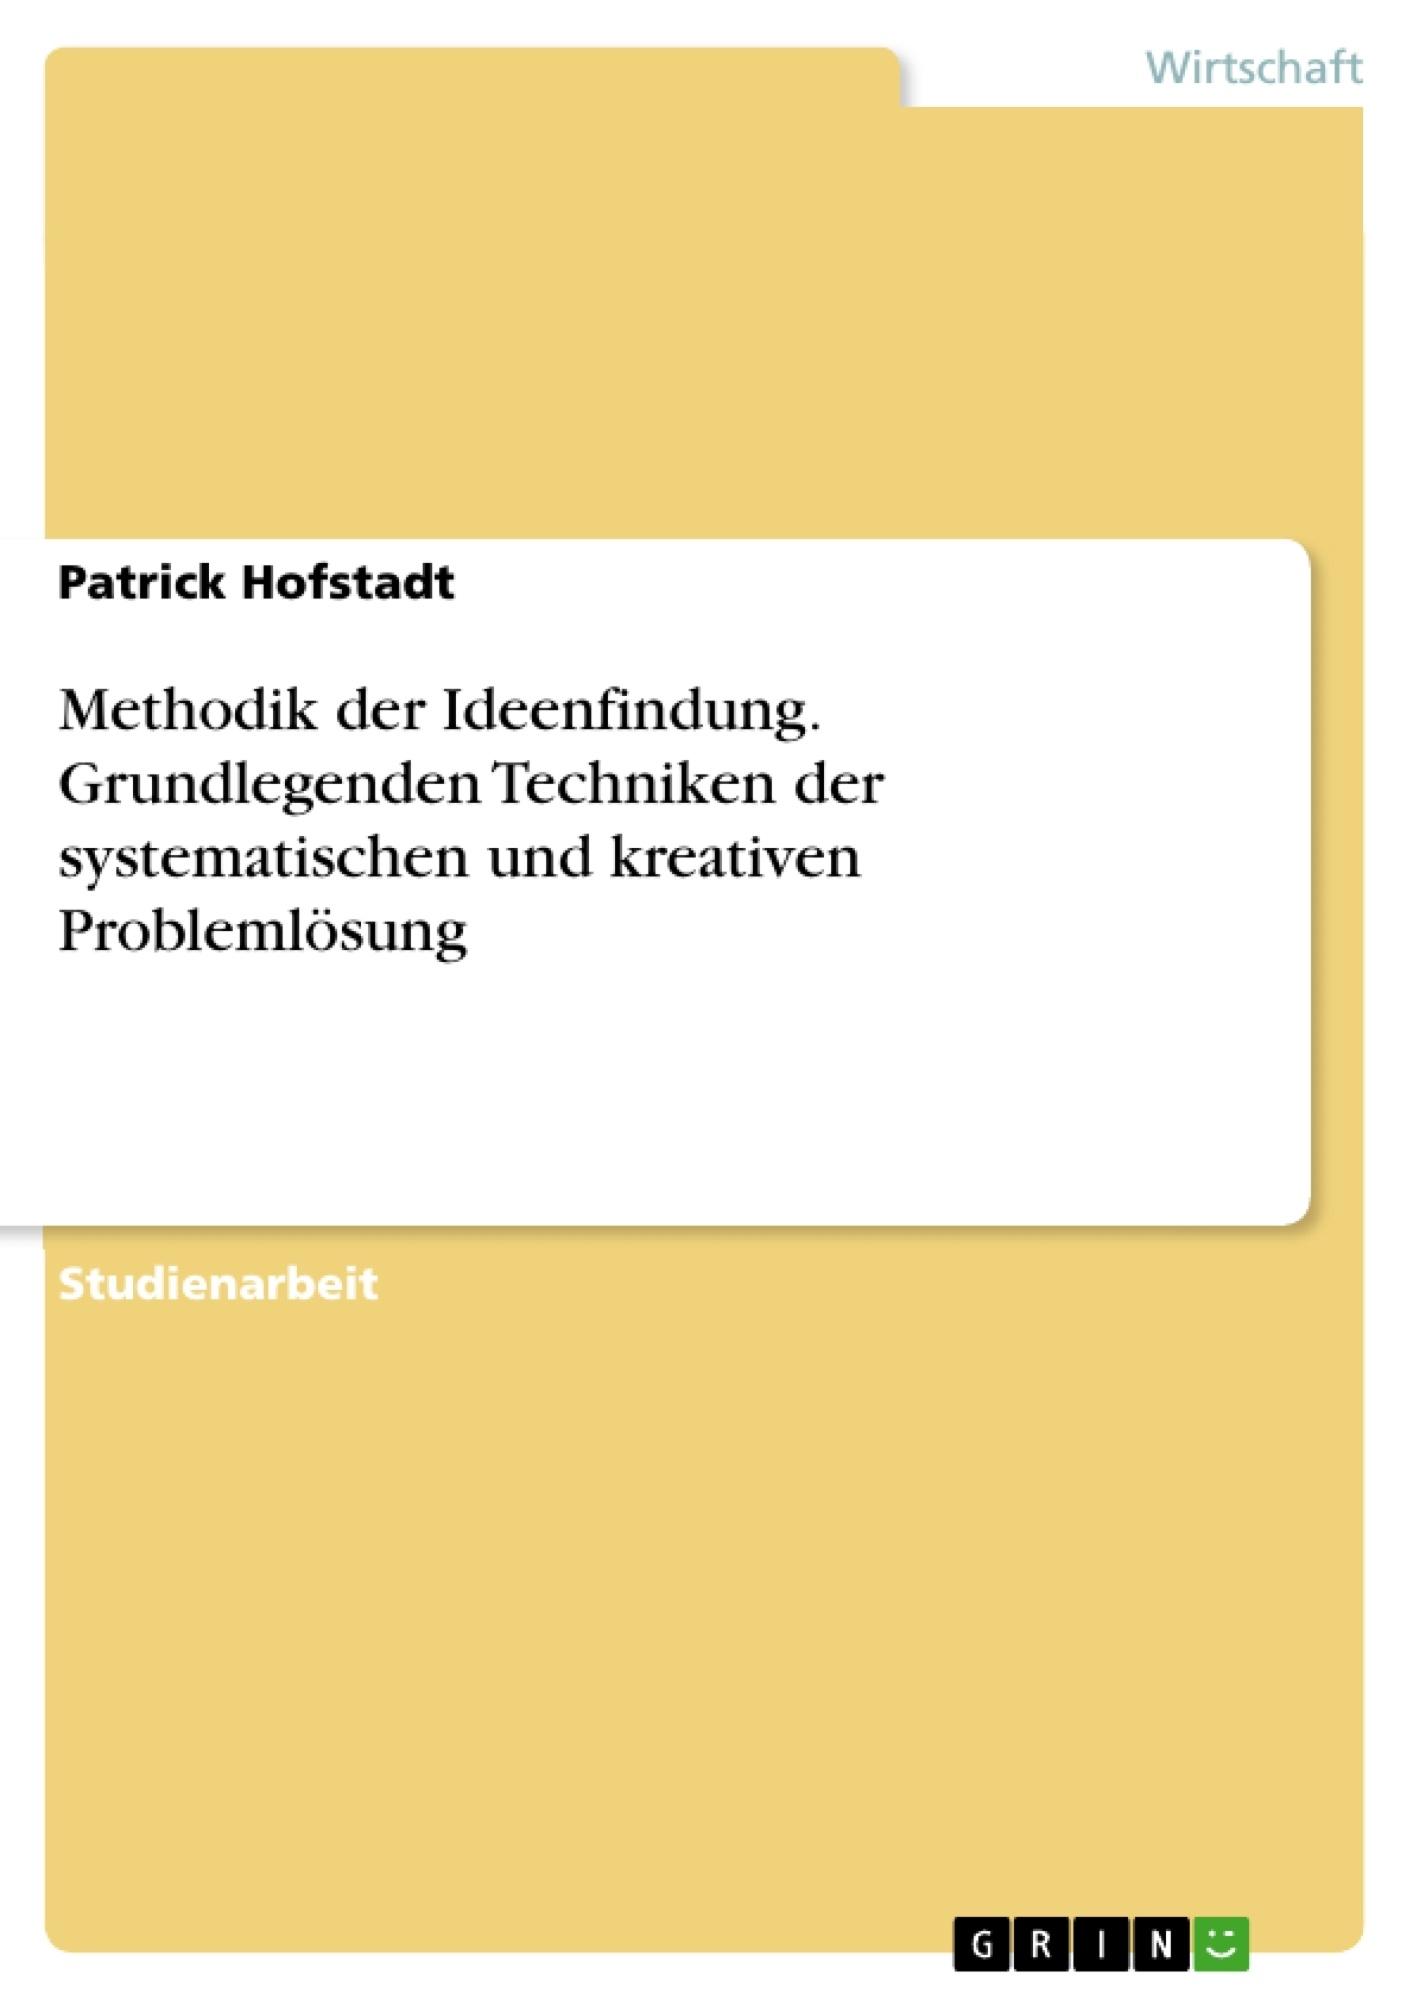 Grin Methodik Der Ideenfindung Grundlegenden Techniken Der Systematischen Und Kreativen Problemlösung